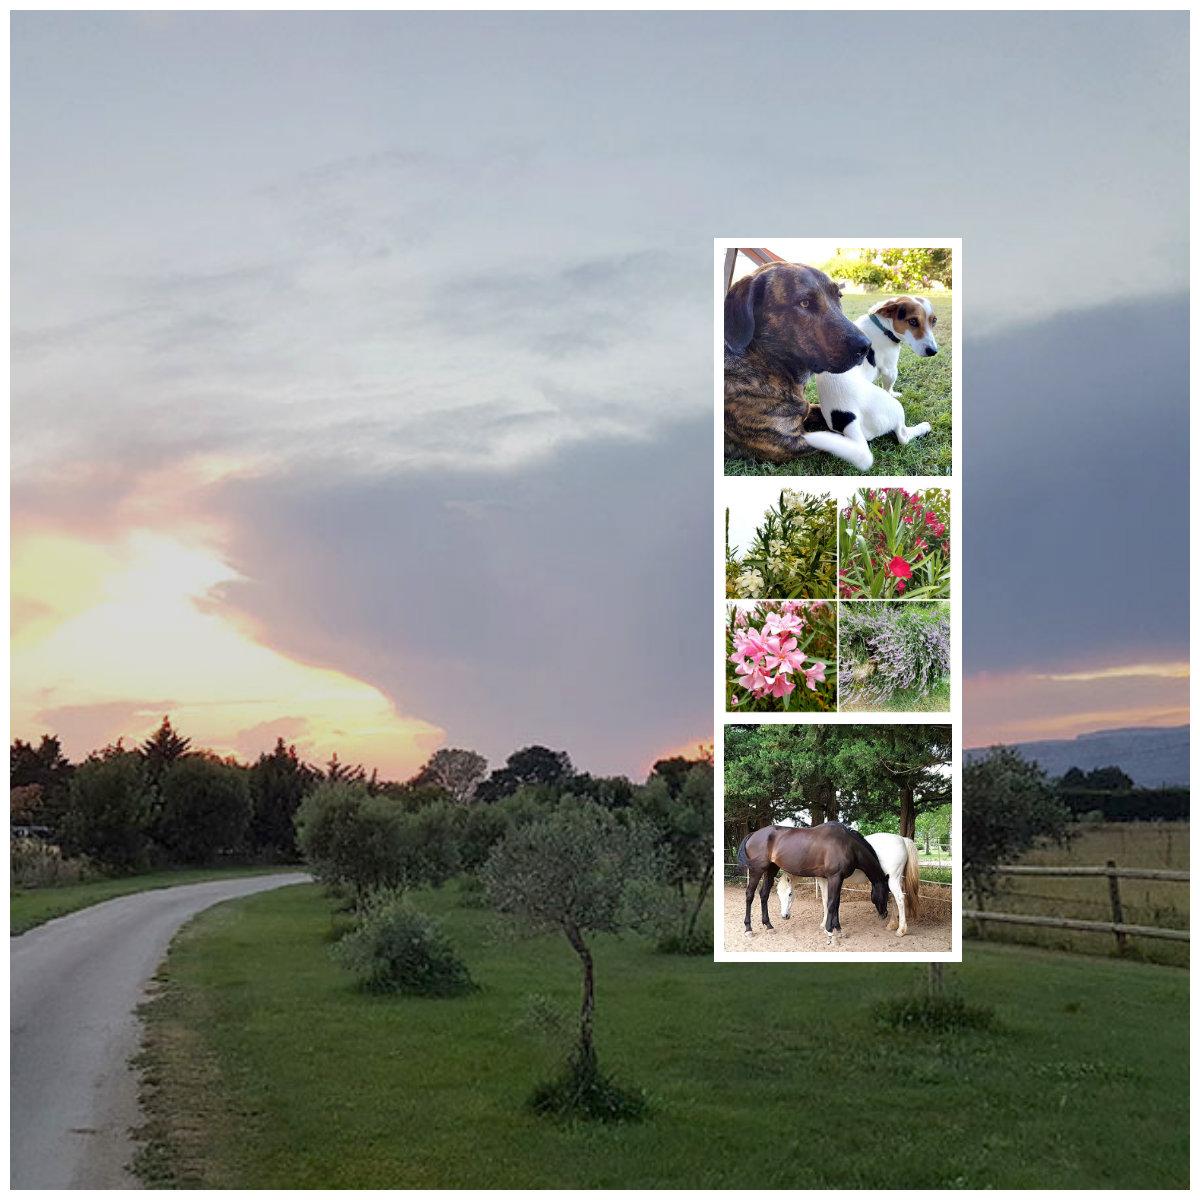 Прованс. Самый счастливый дом. Собаки, лошади, цветы... ВОСТОРГ!